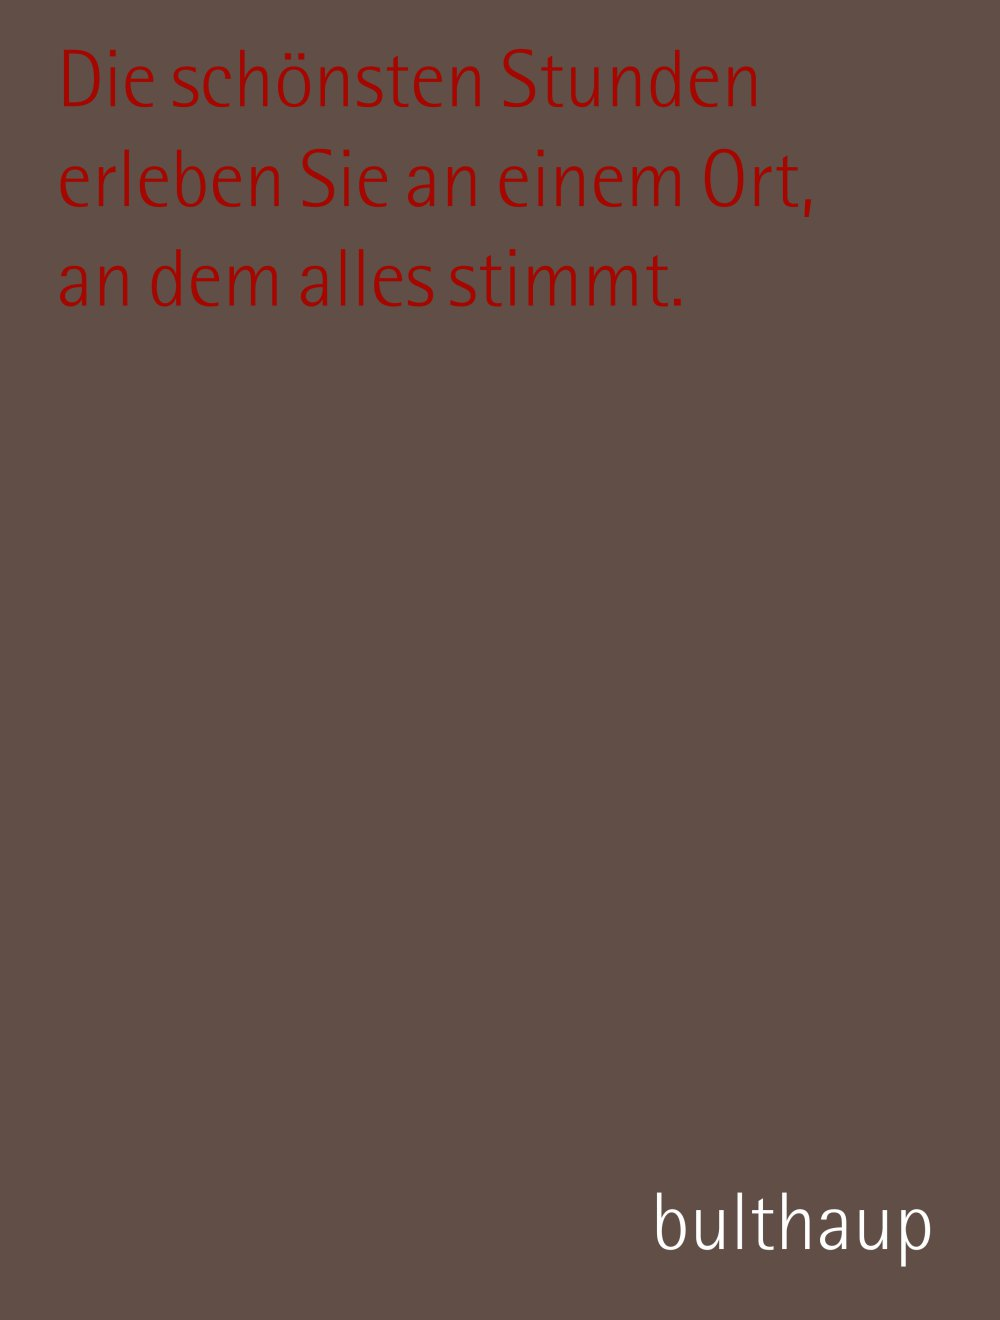 bulthaup Buch (Küchen- und Raumsysteme) - Bulthaup - PDF Katalog ...